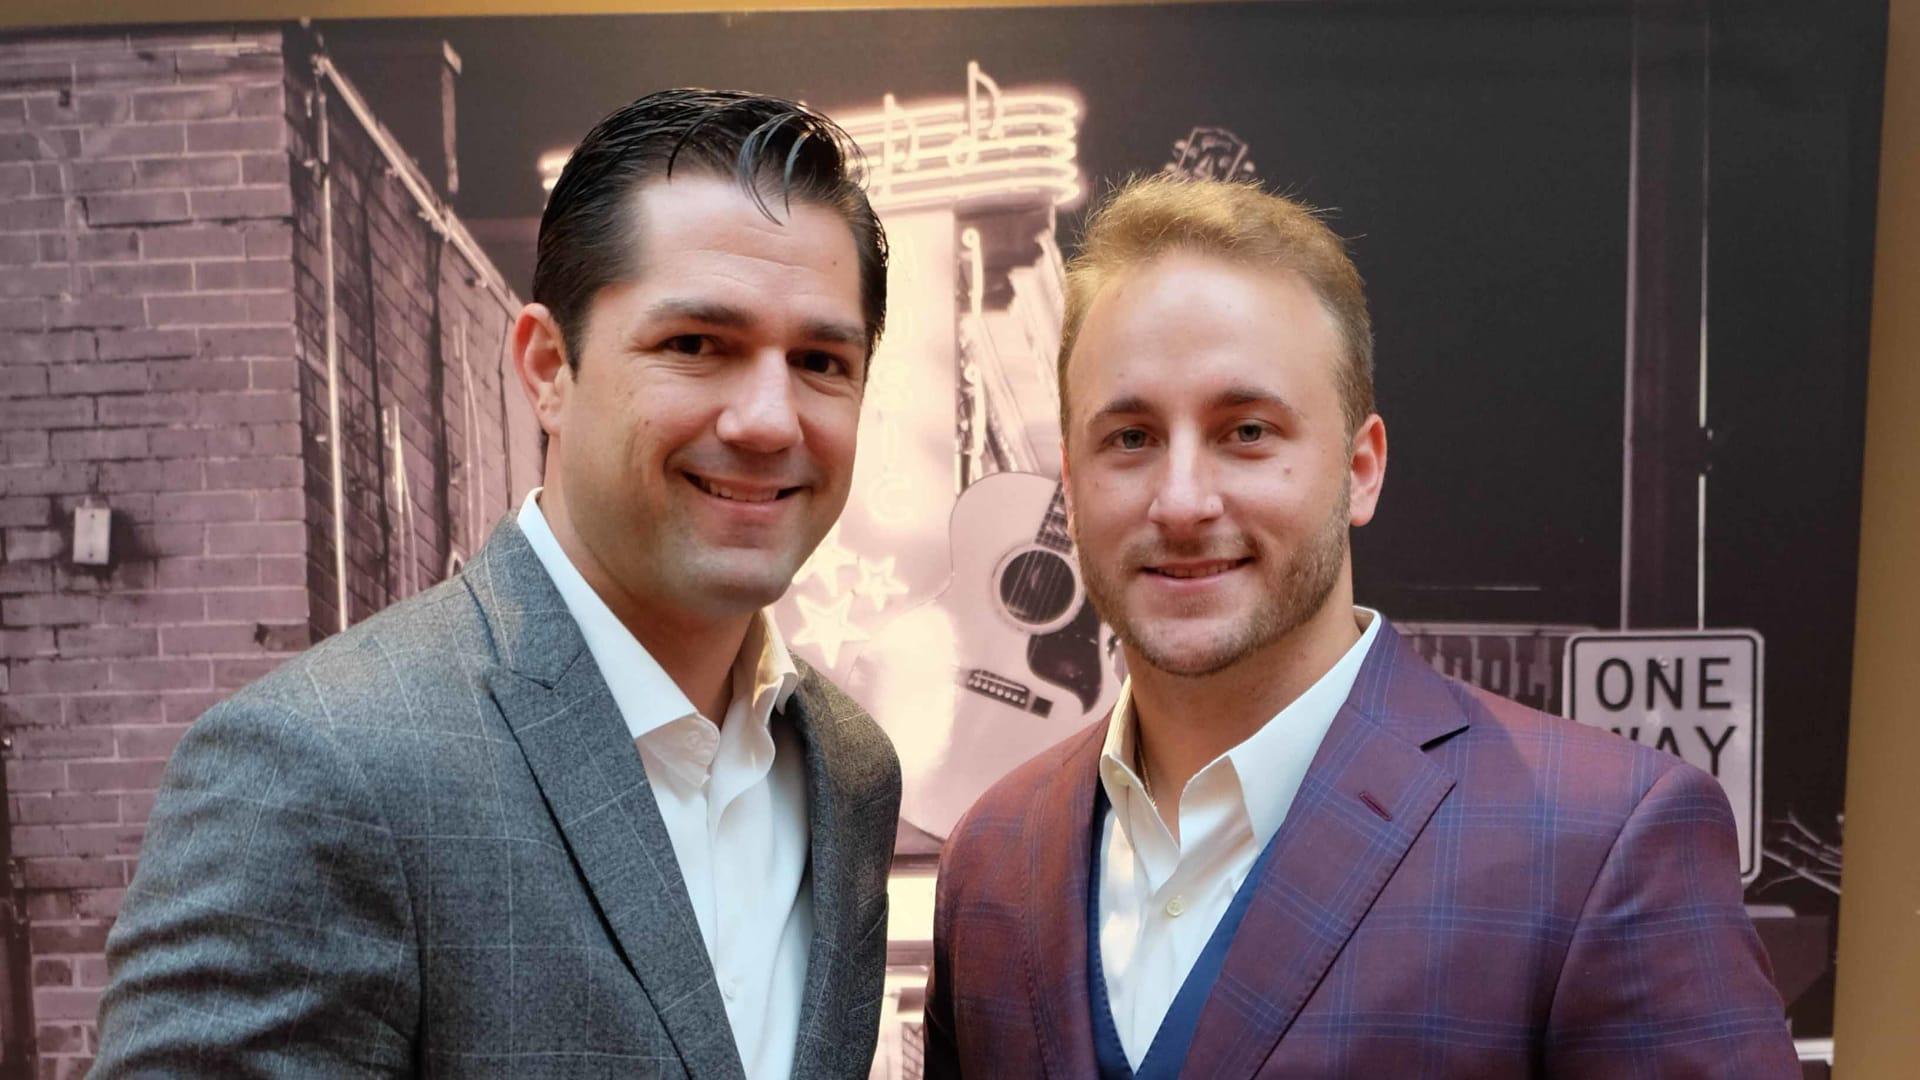 Derek Hebert and Colby Arceneaux.